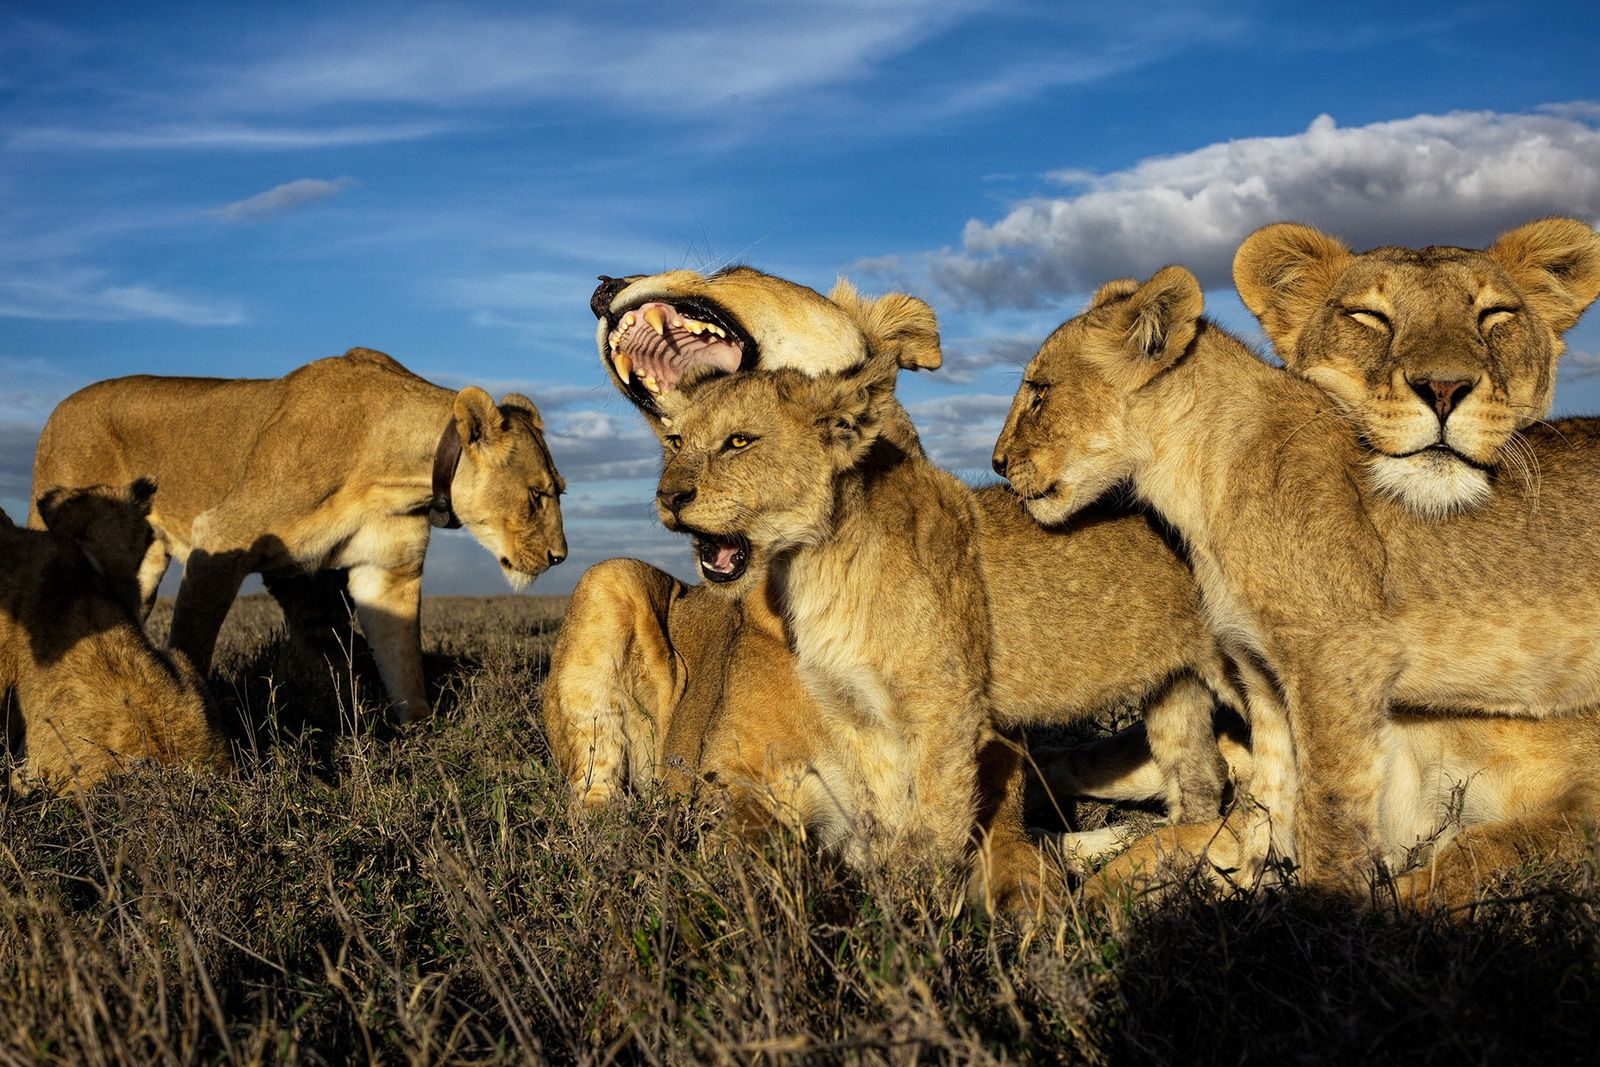 Na vida real, a mãe do Simba seria a líder do bando